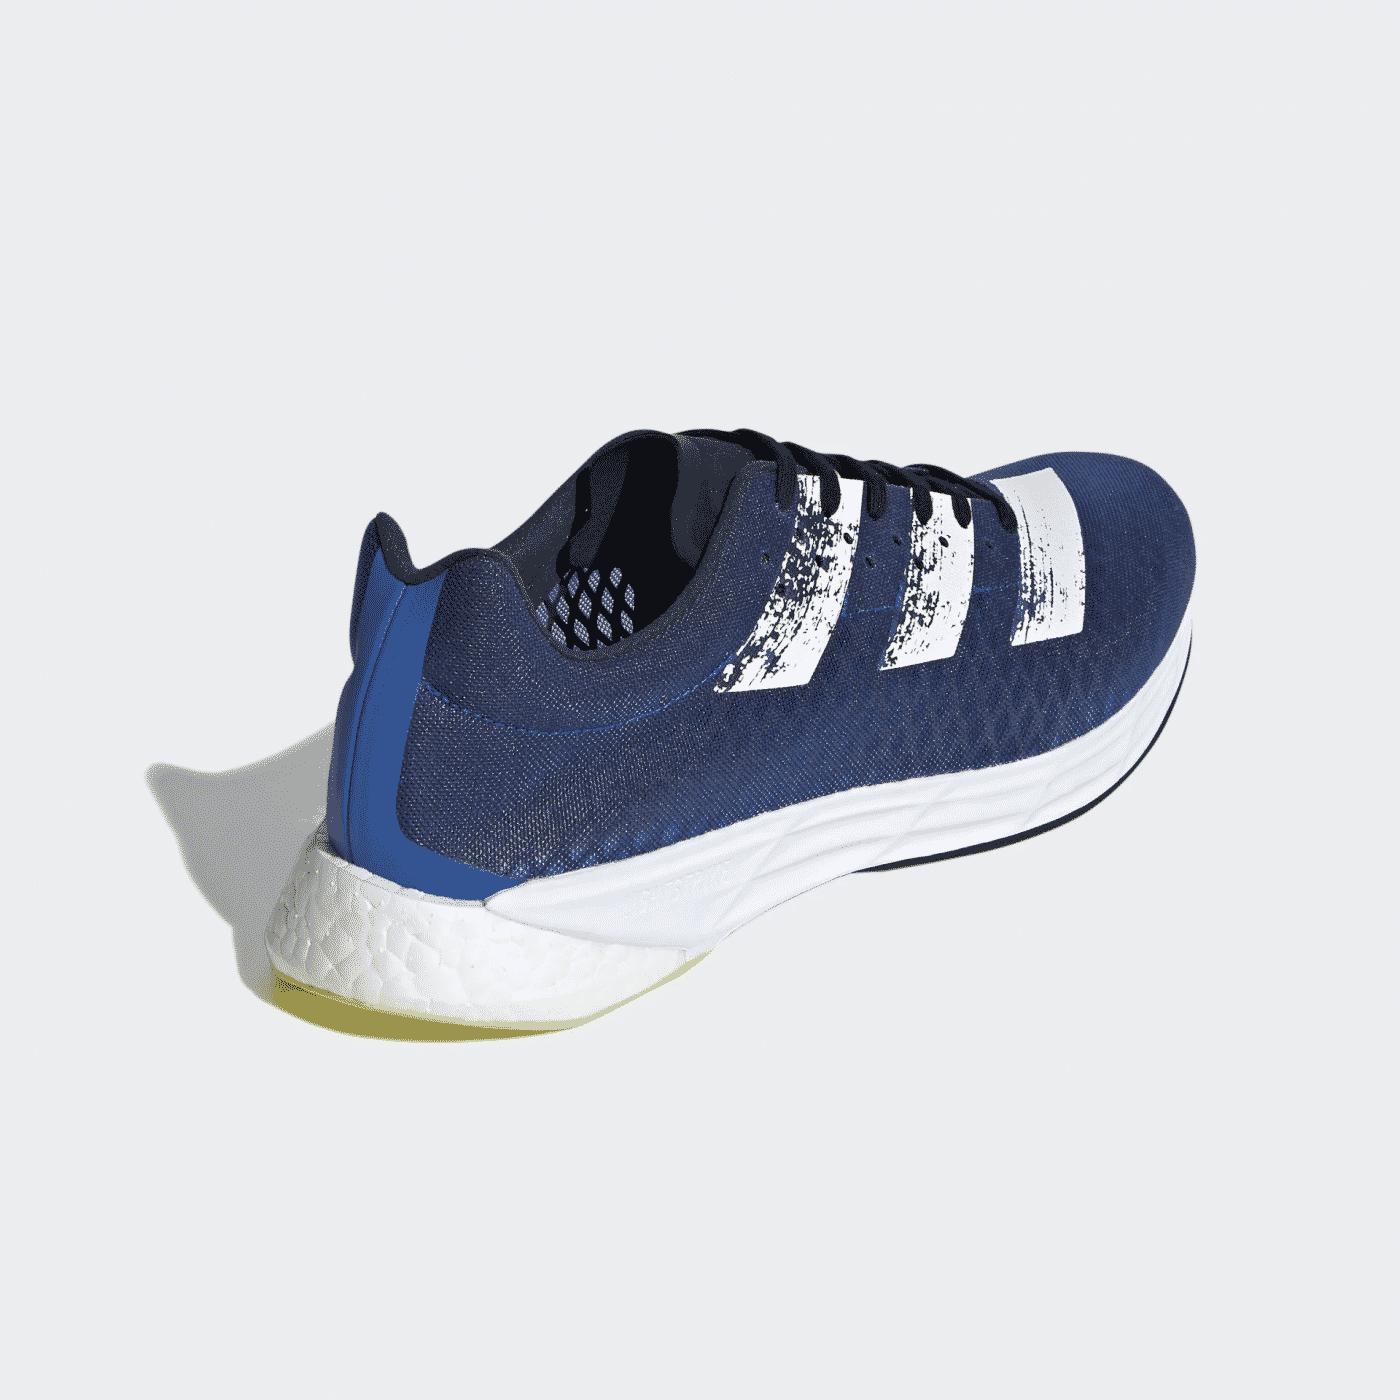 adizero_pro_adidas_bleu_2